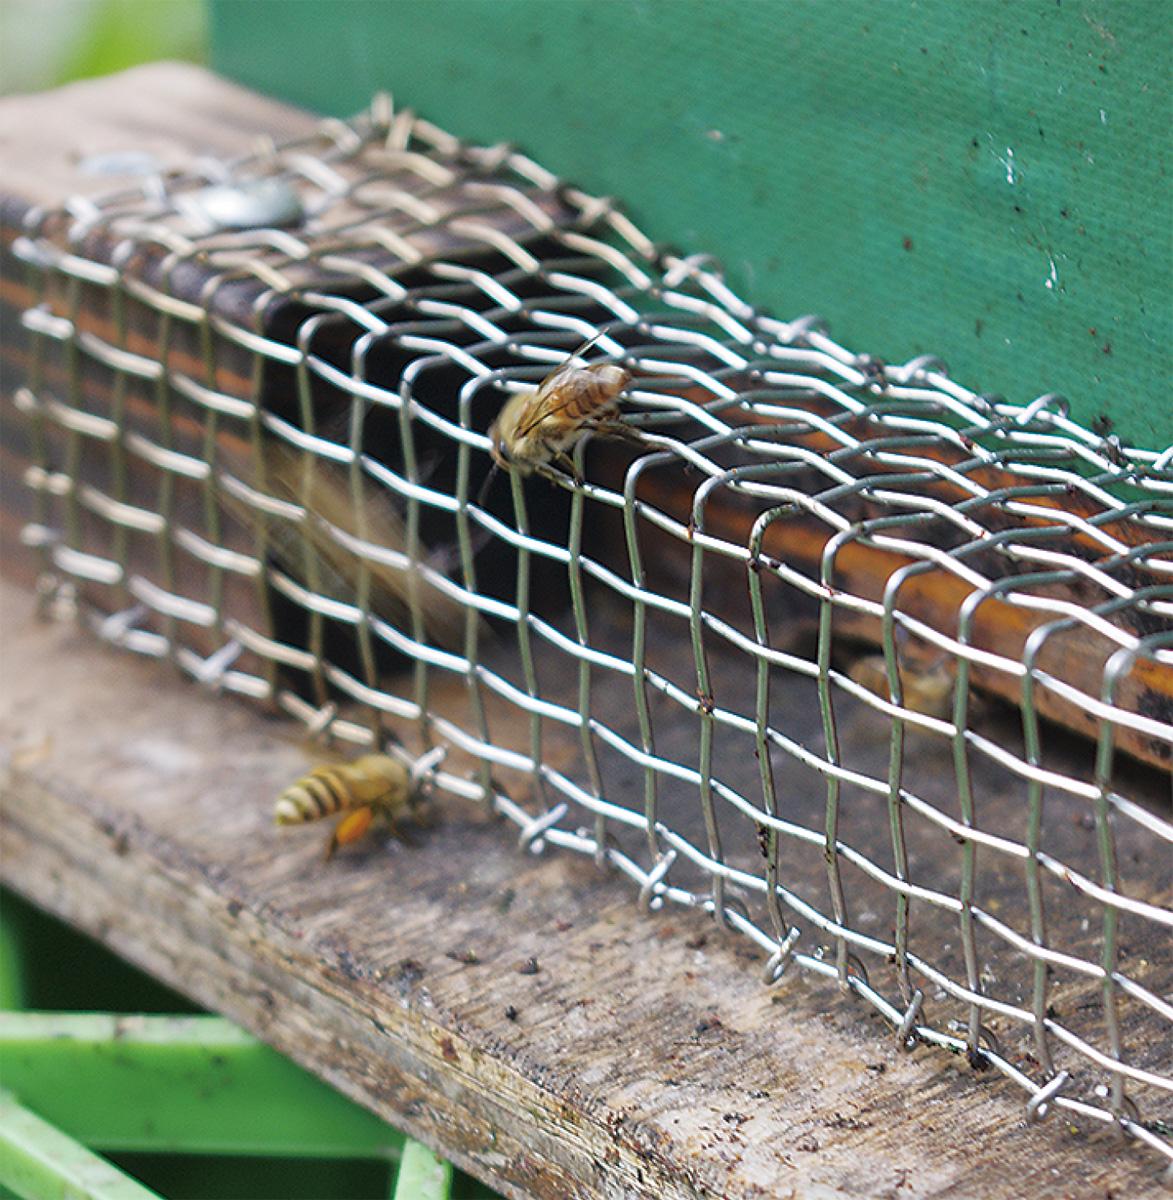 ミツバチなしでは生きられない?